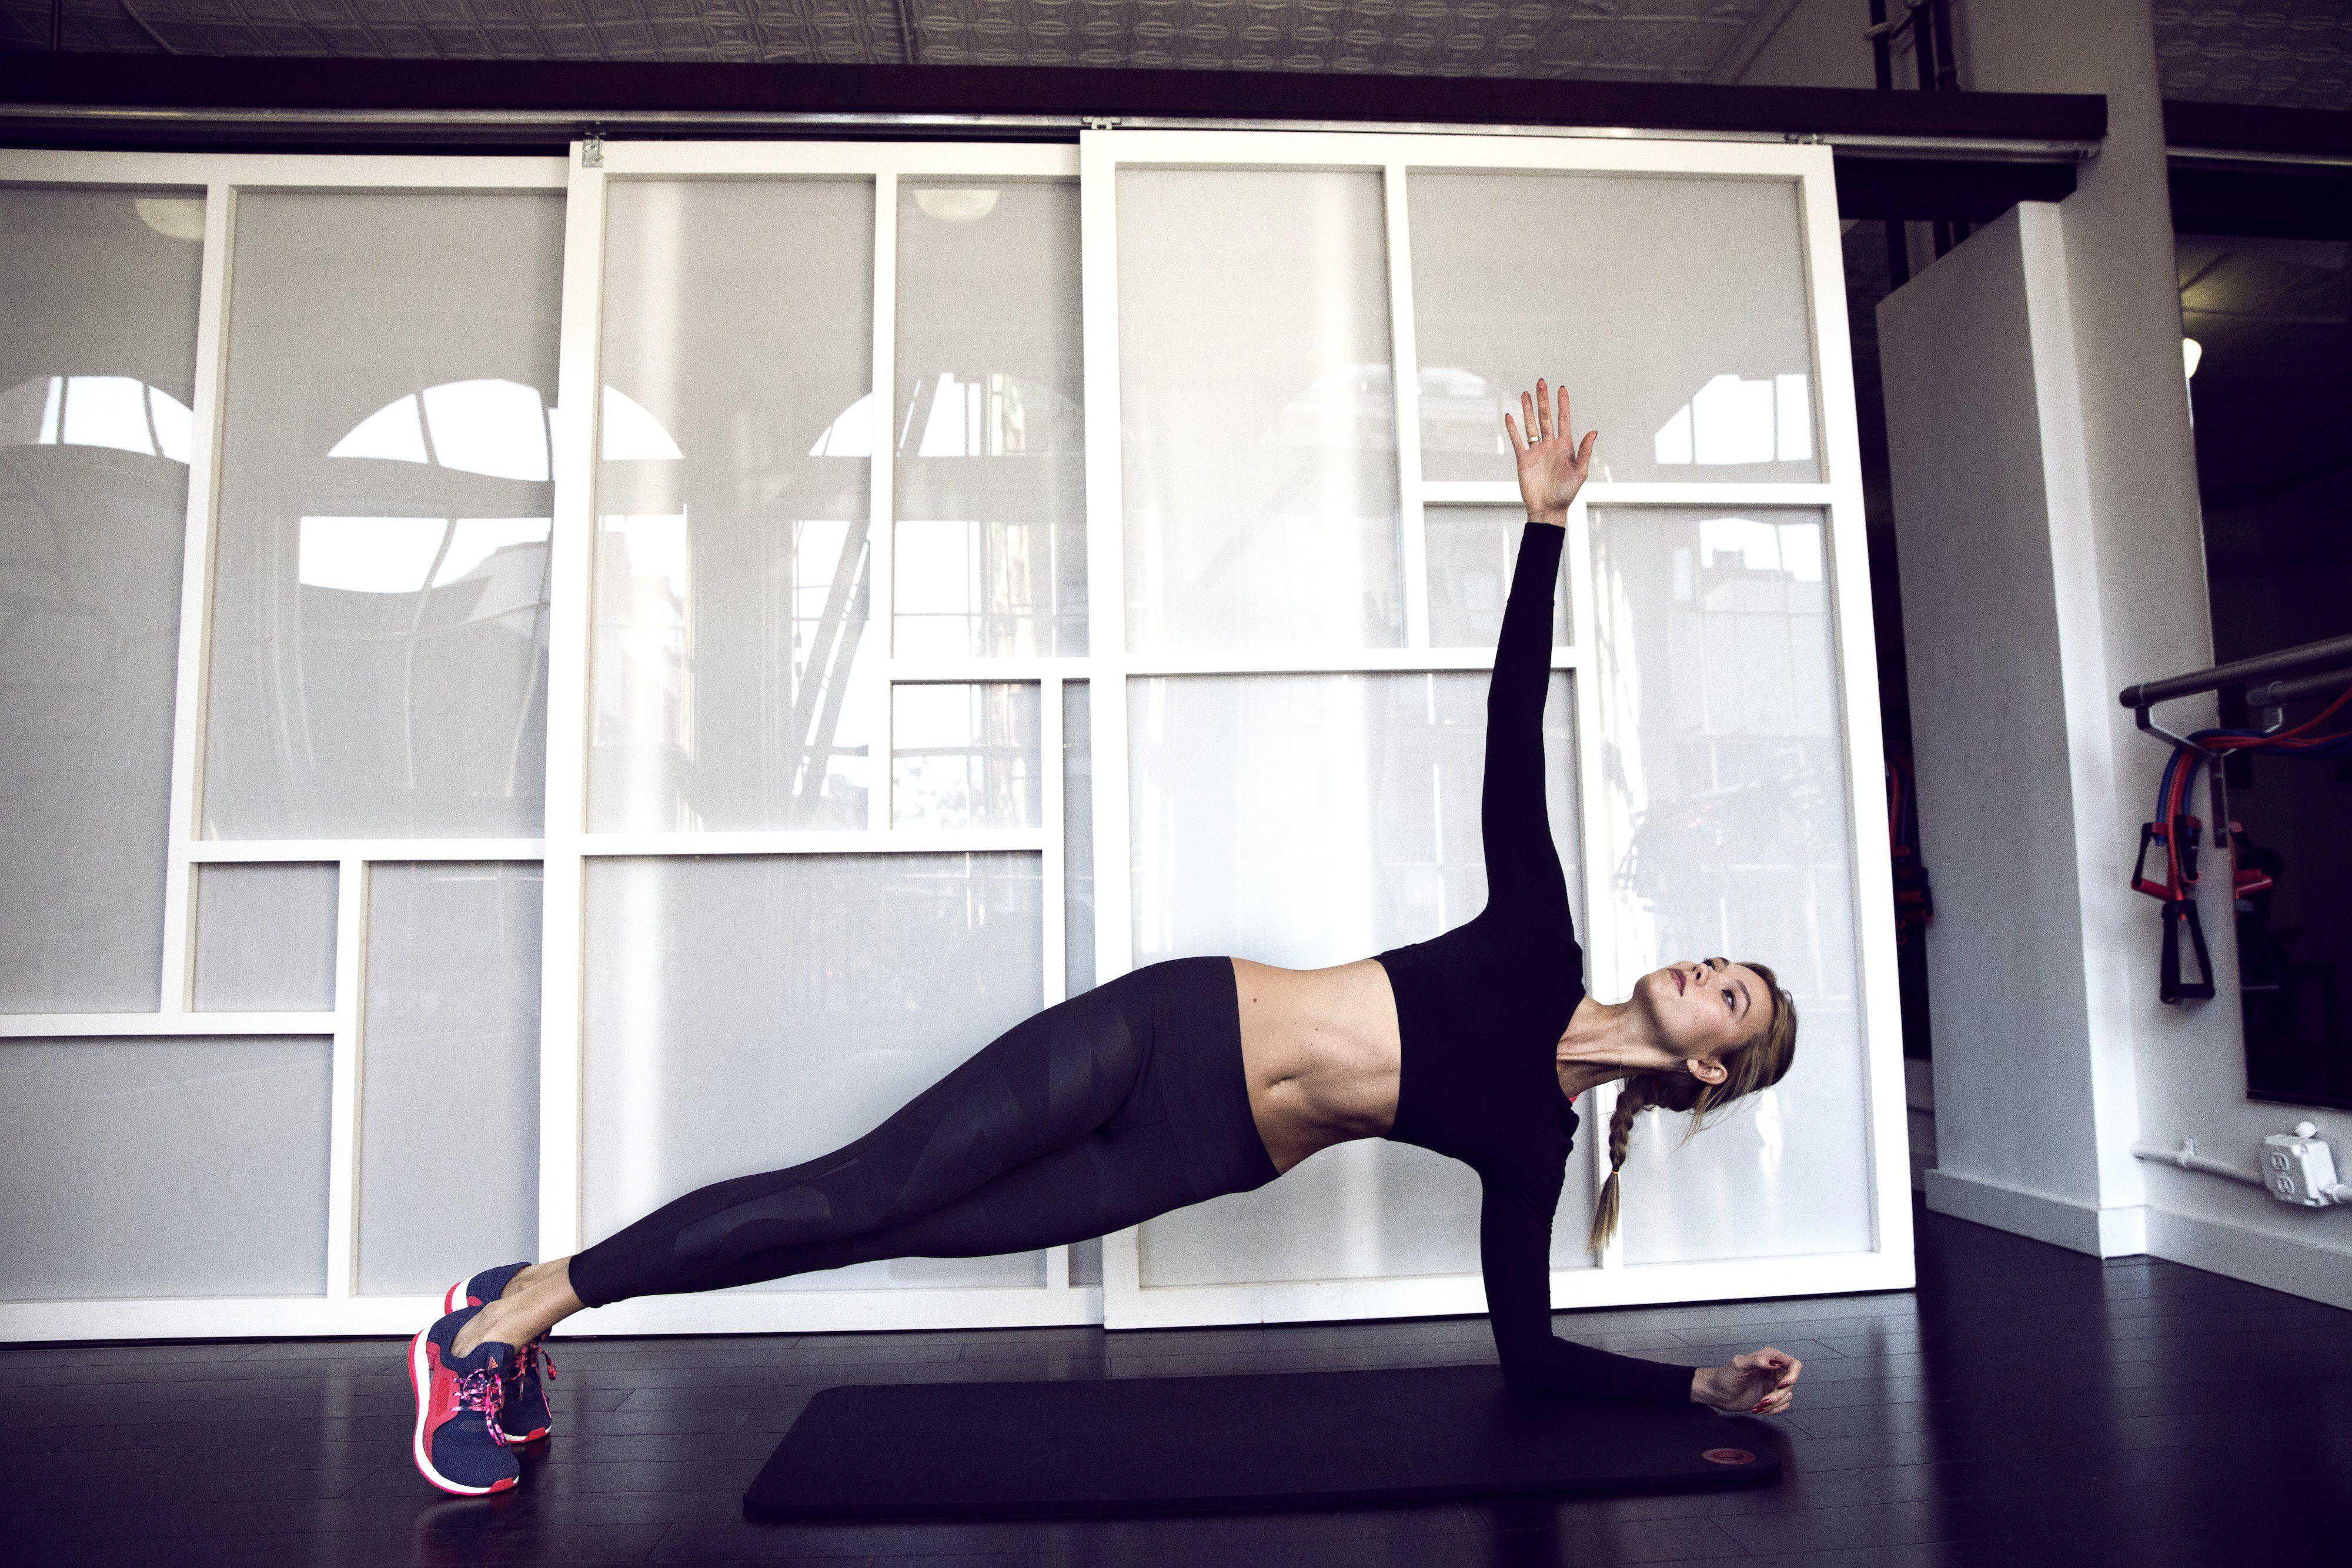 adidas_PR_still_4_Karlie Kloss